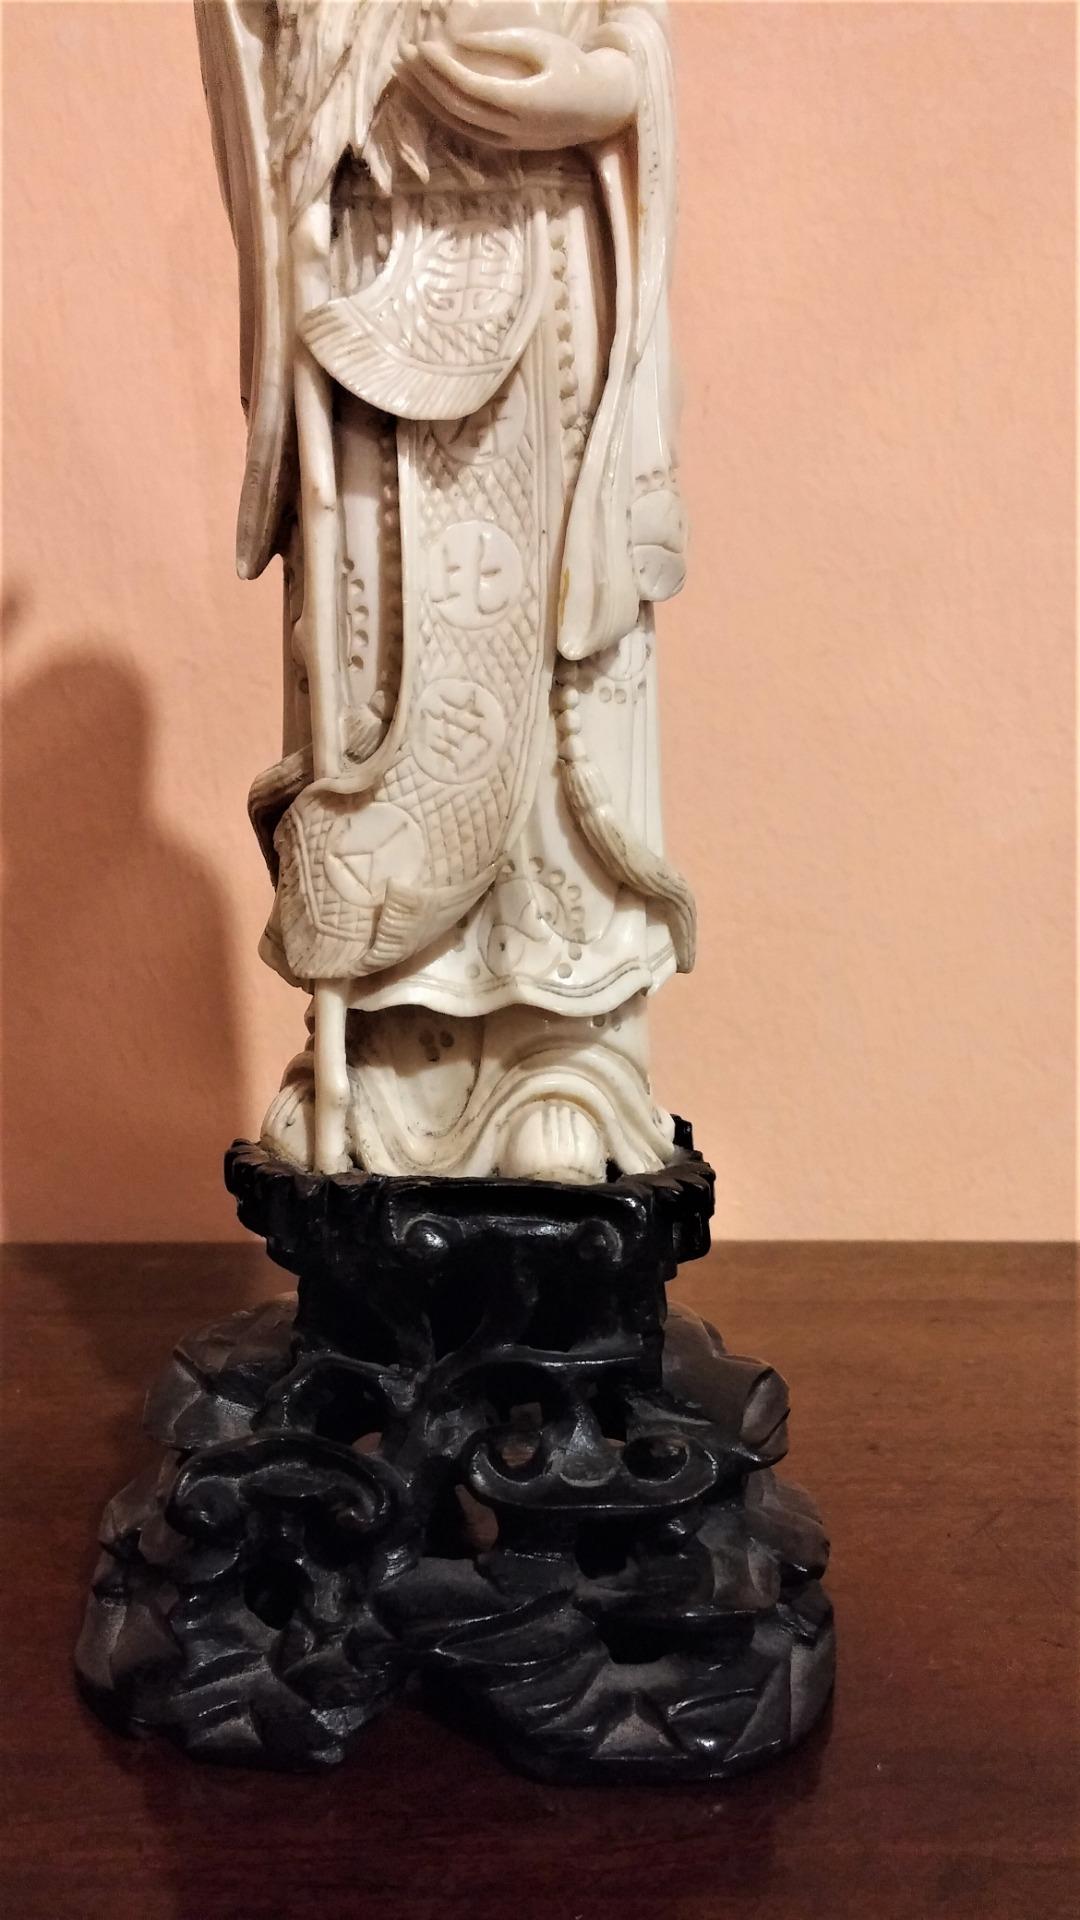 thumb3|Statuetta in avorio, saggio orientale, fine '800